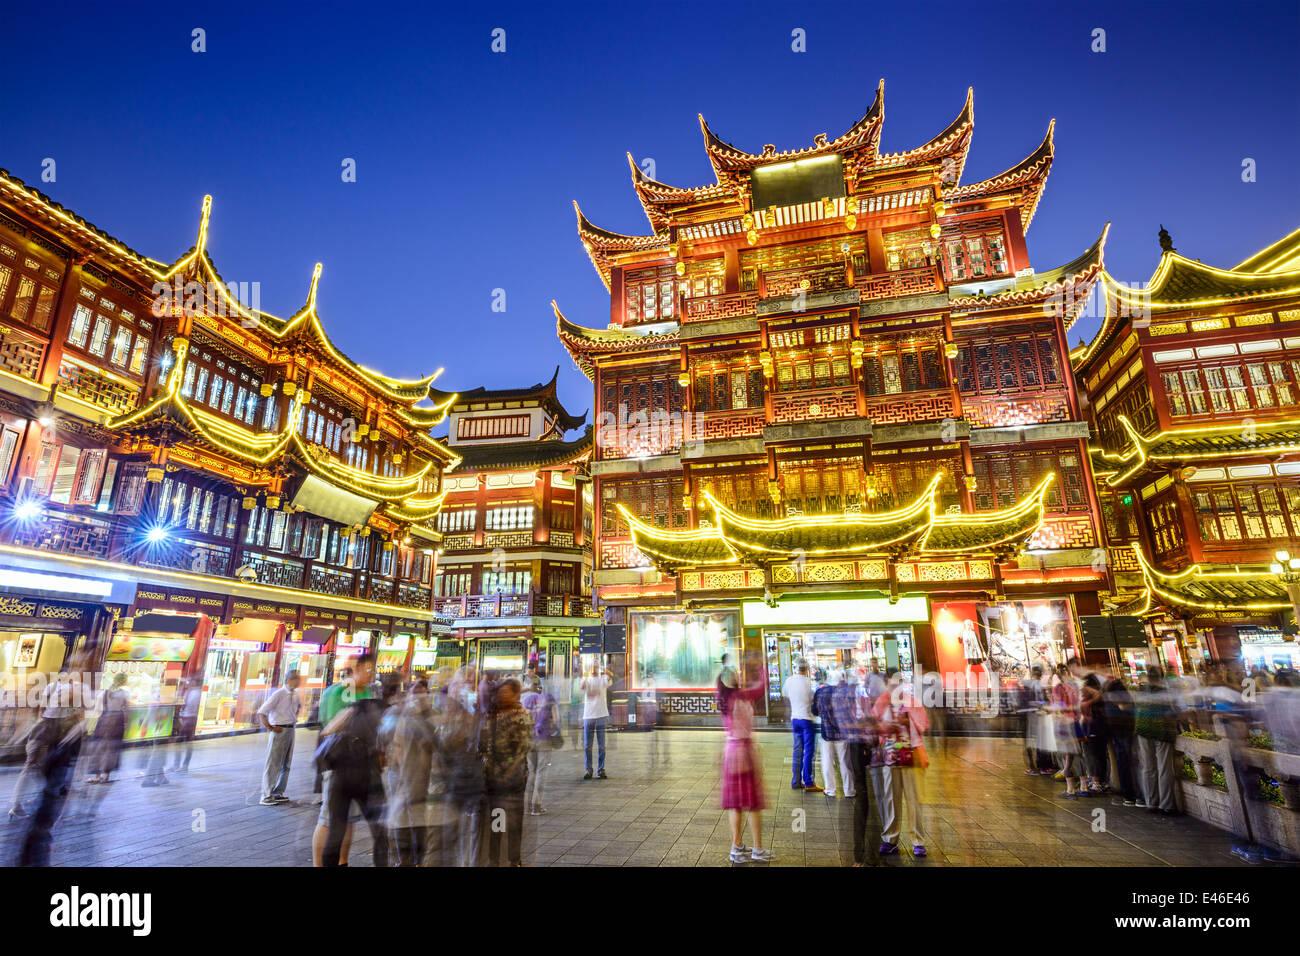 Shanghai, China en el Distrito Jardín Yuyuan. Imagen De Stock